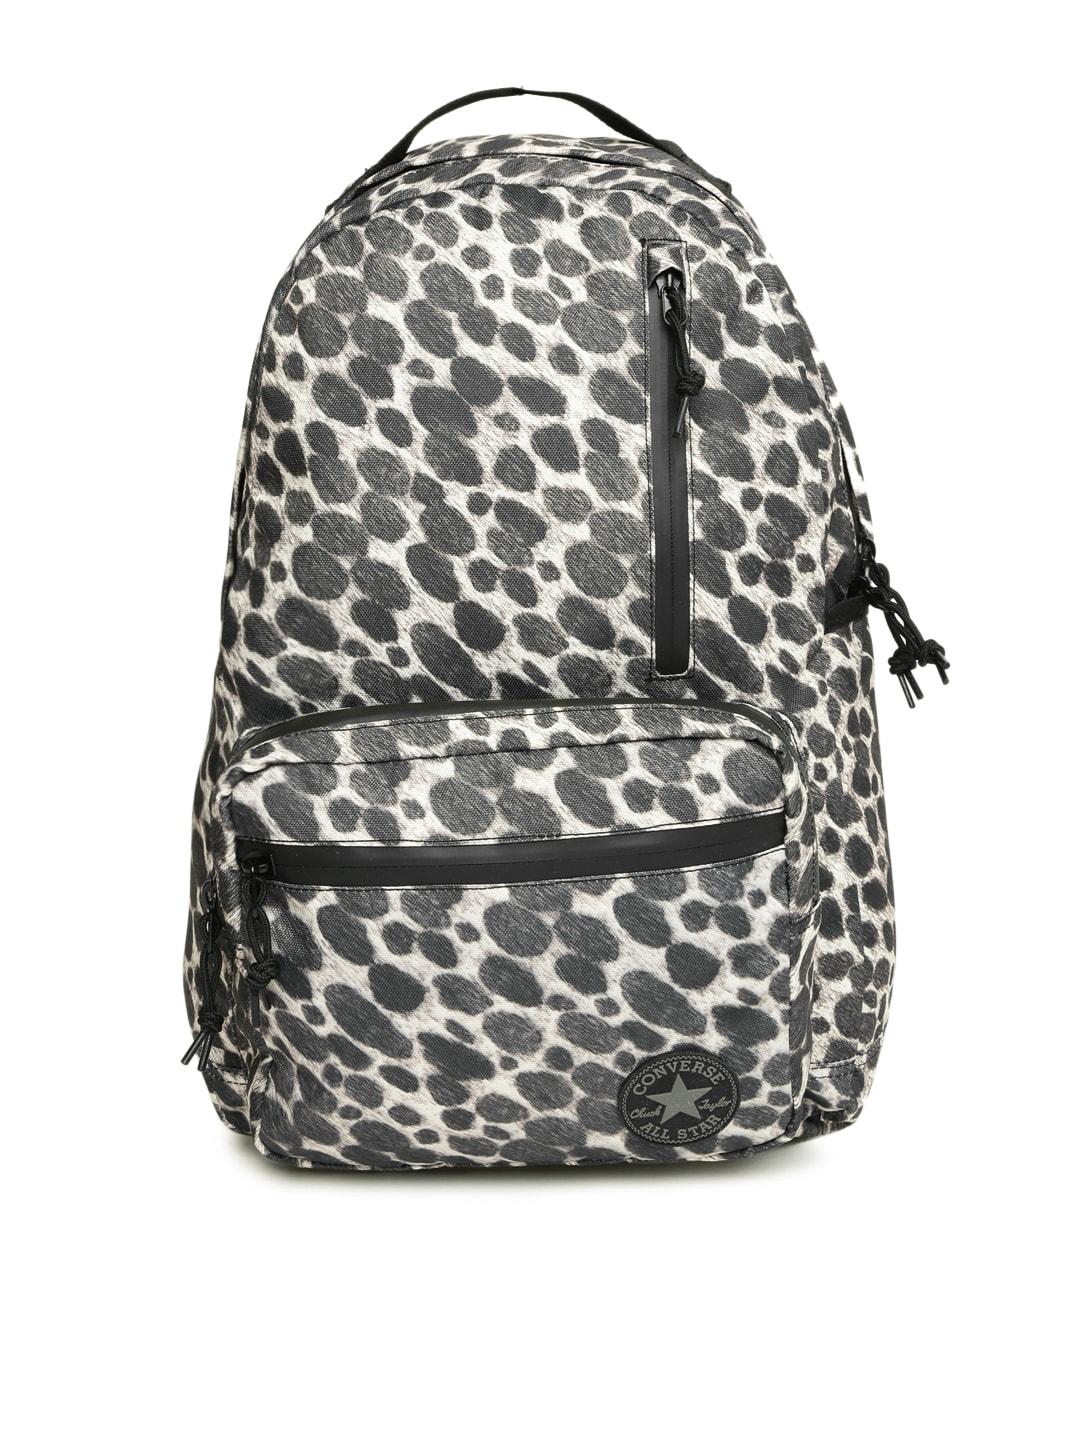 16097581ee70 Men Backpacks Handbags - Buy Men Backpacks Handbags online in India